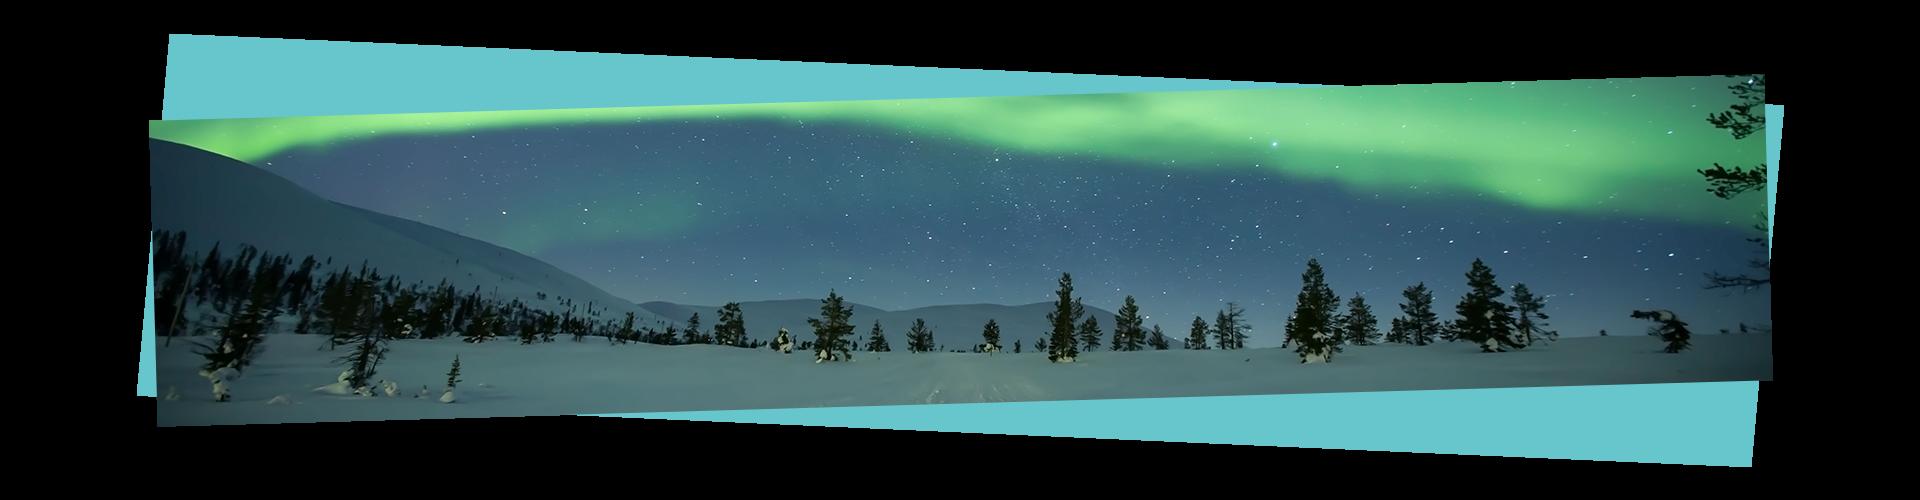 Winter stargazing